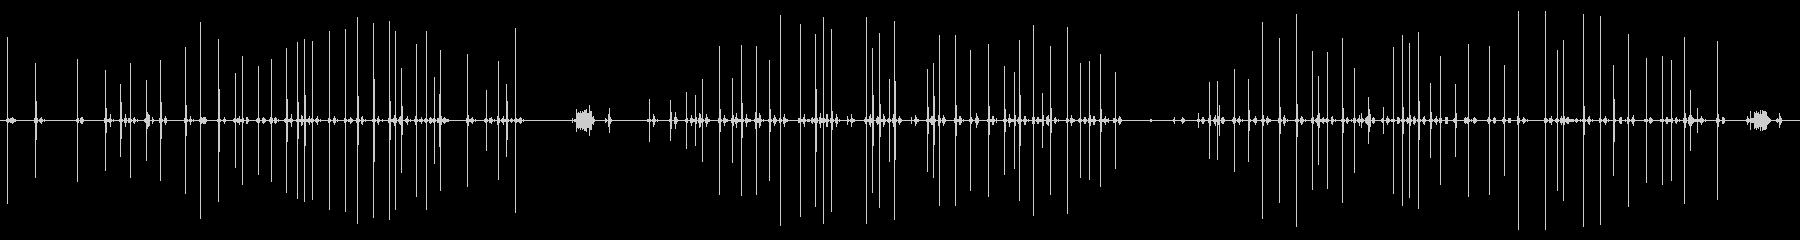 古いマニュアルタイプライター:タイ...の未再生の波形